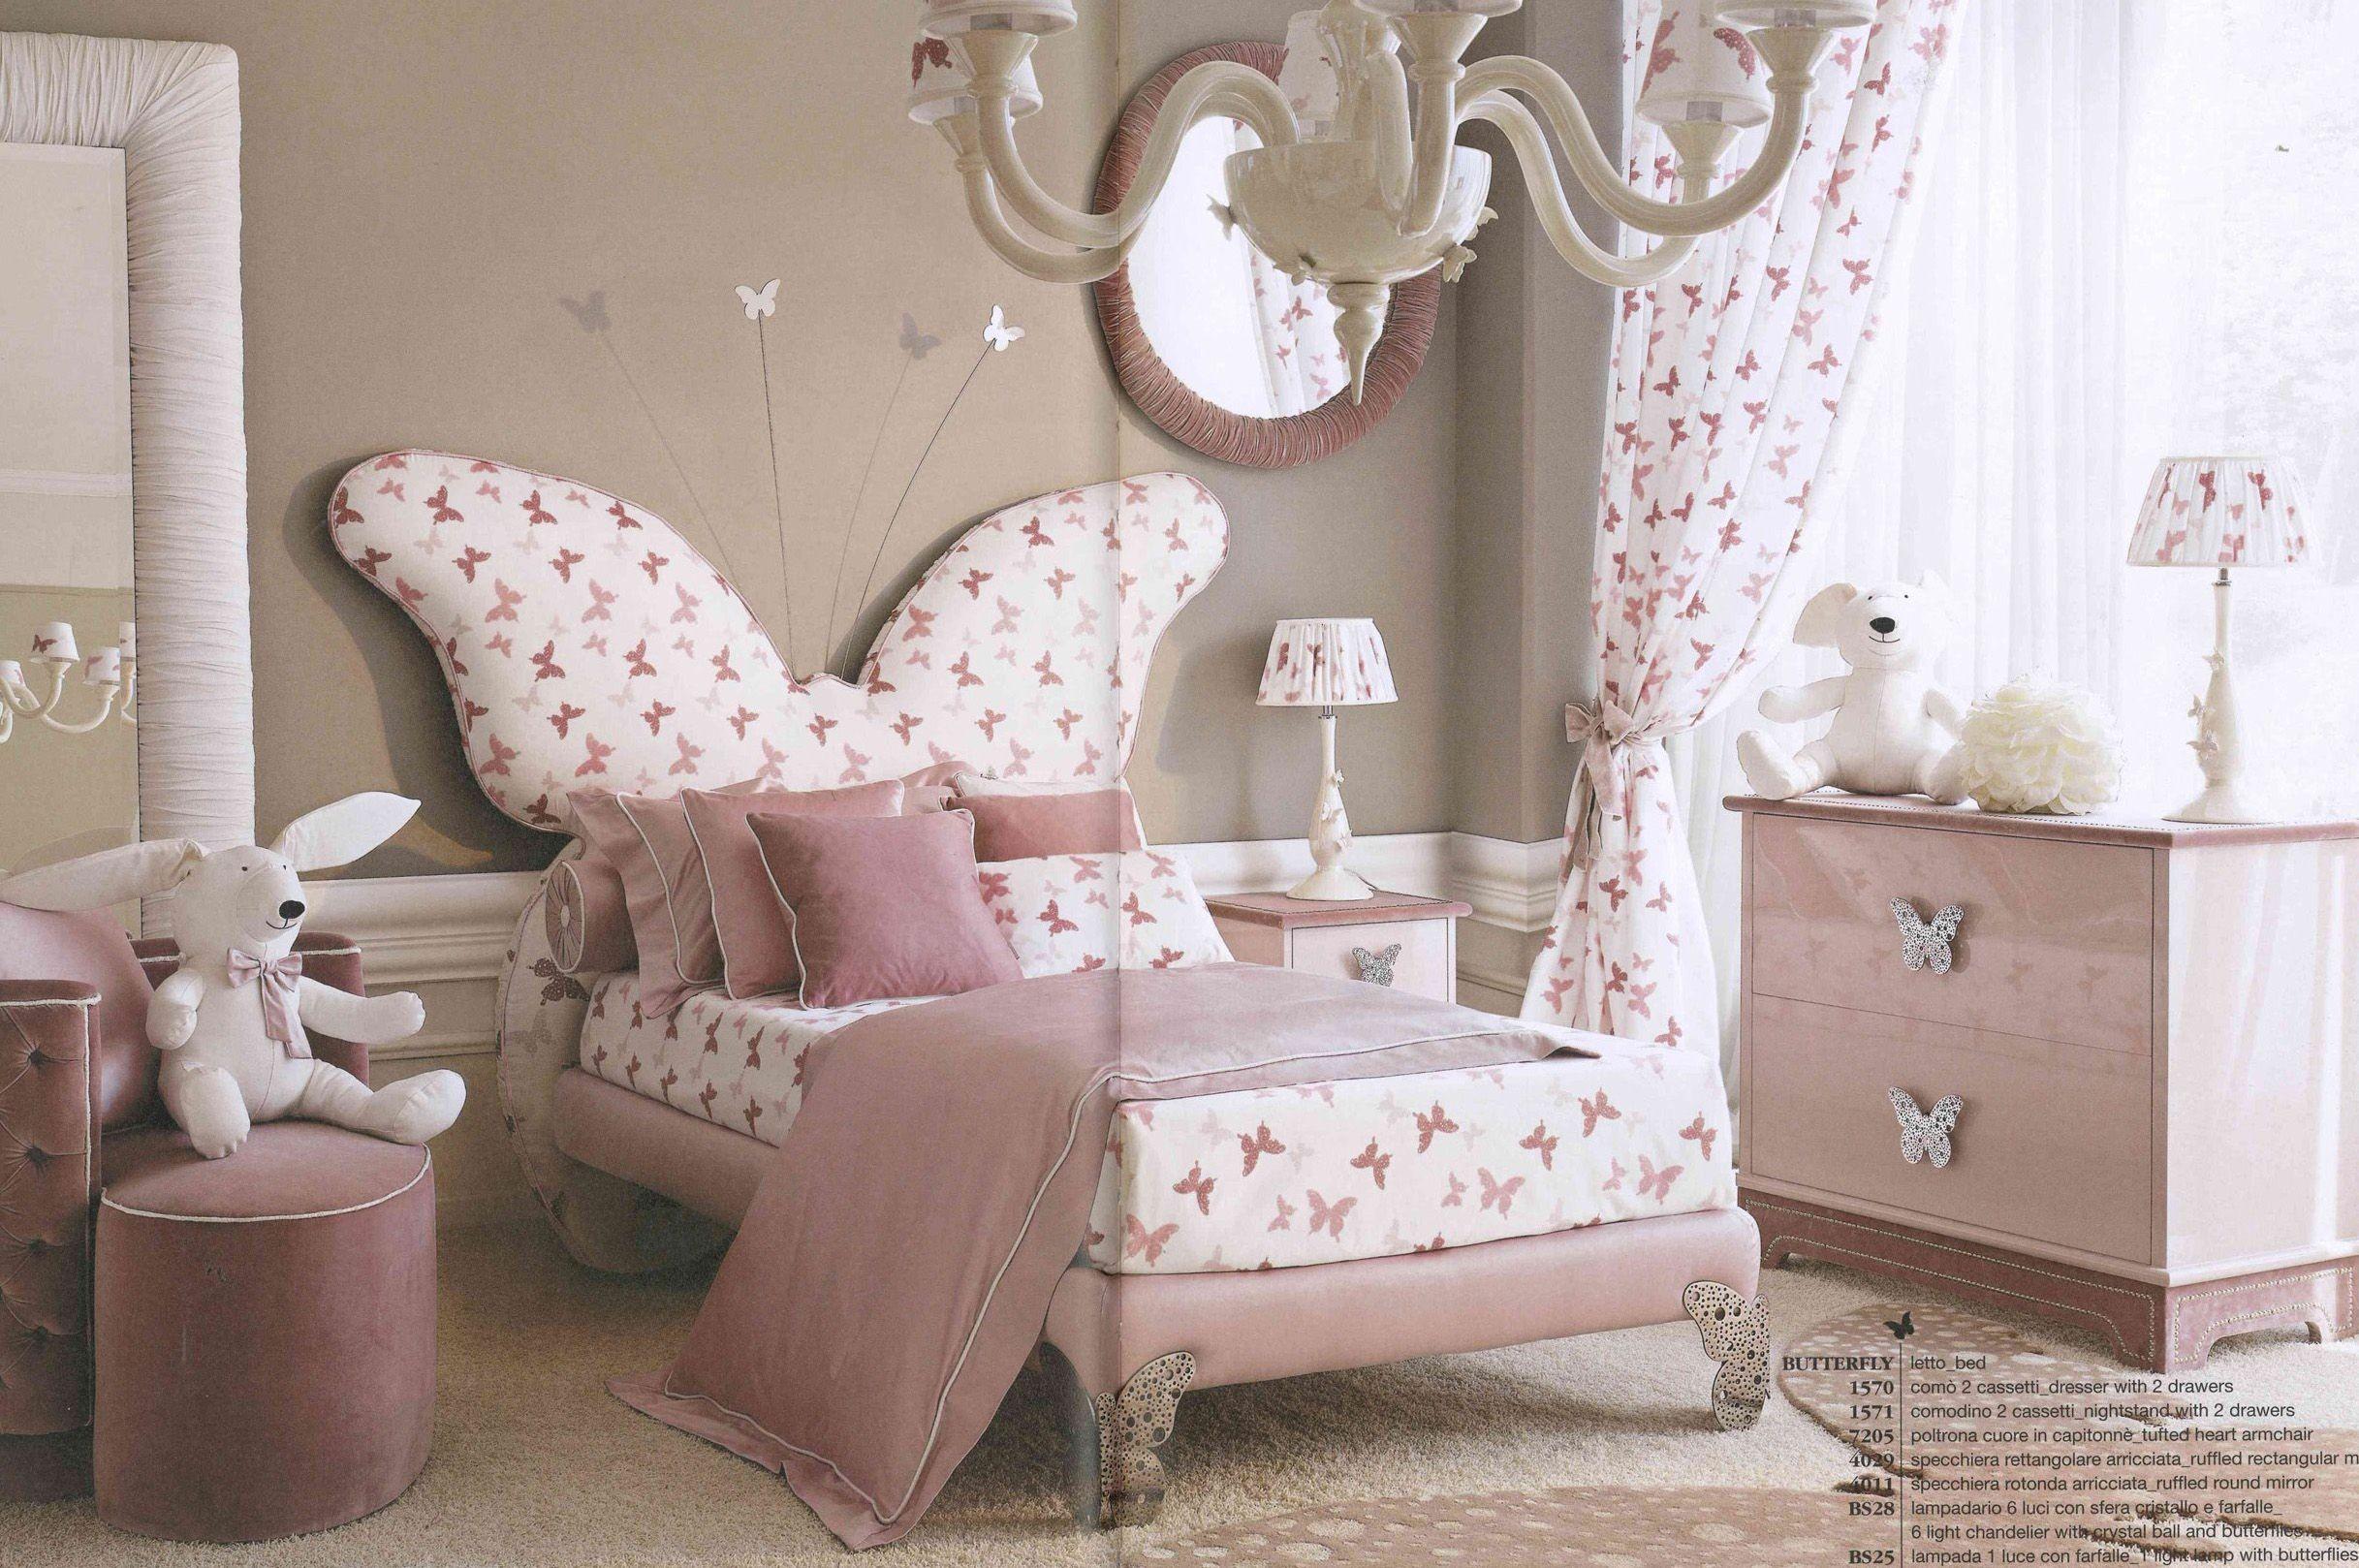 12 consigli per una camera da letto pi confortevole - Bagiu per camera da letto ...